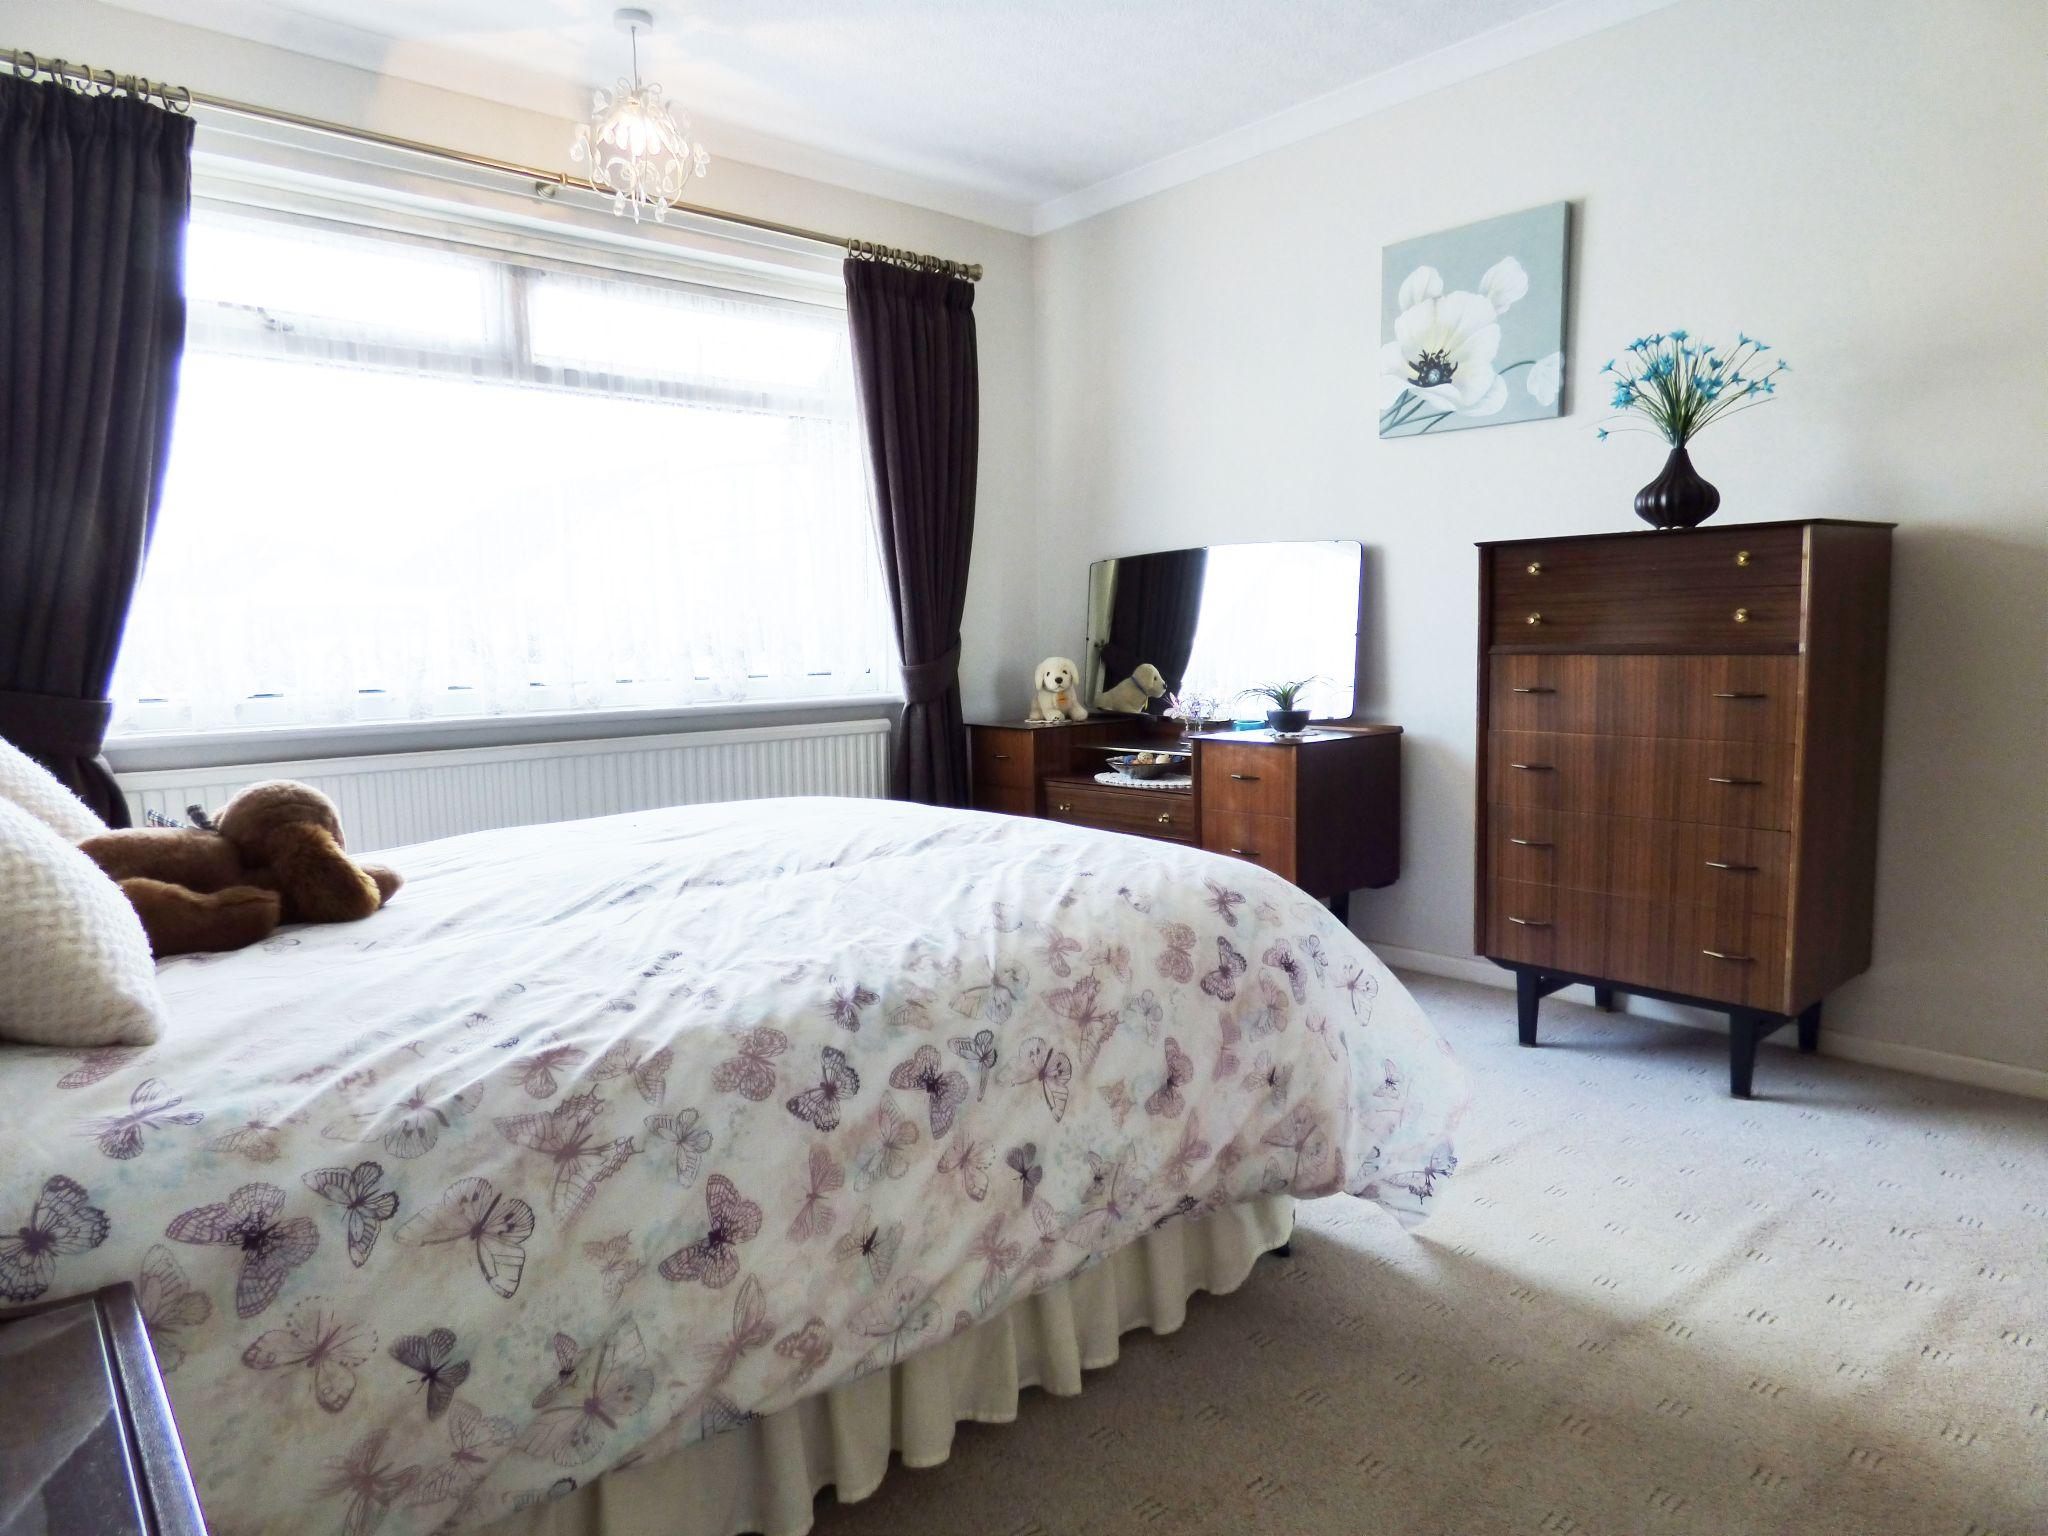 4 Bedroom Detached Bungalow For Sale - Main Bedroom